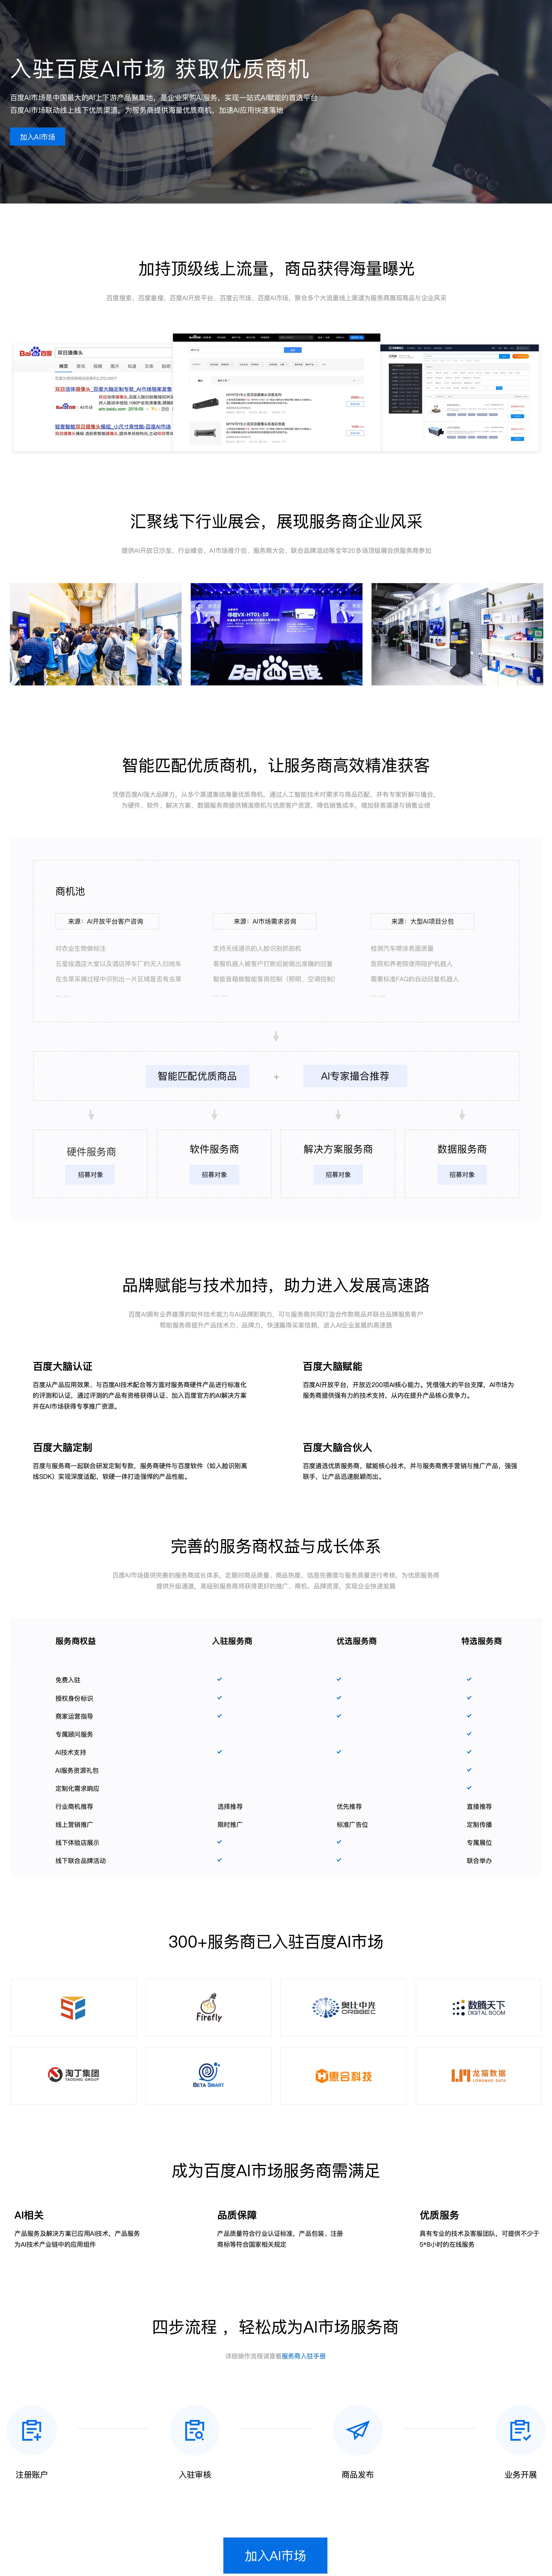 服务商招募 - 百度AI市场(1)-1.jpg